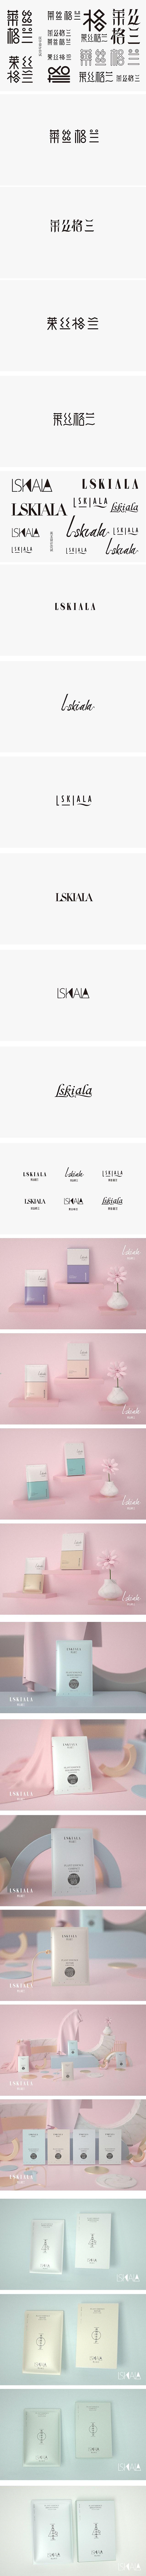 护肤品设计/LOGO设计/化妆品包装设计/面膜包装/包装设计/产品包装设计